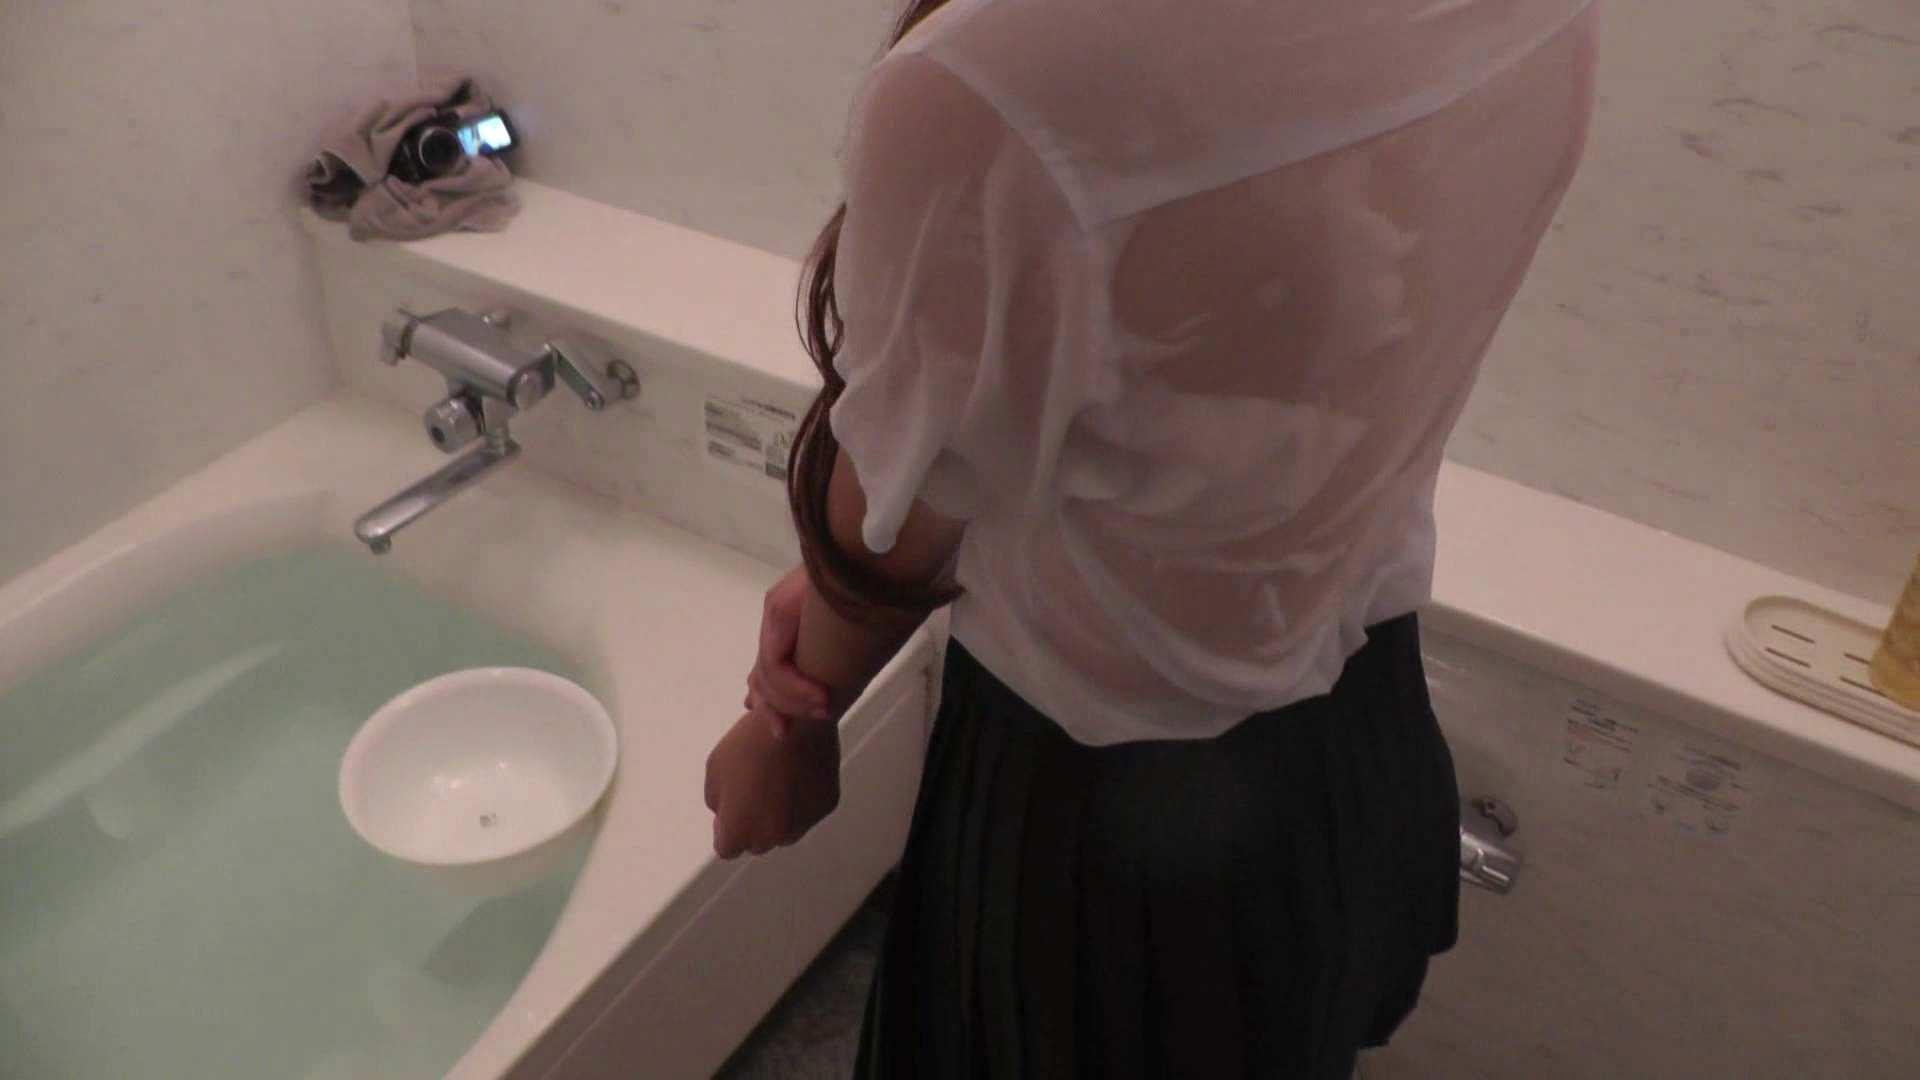 俺推し素人 Bカップ20代人妻現役ナース久美 ナース丸裸 アダルト動画キャプチャ 93pic 22